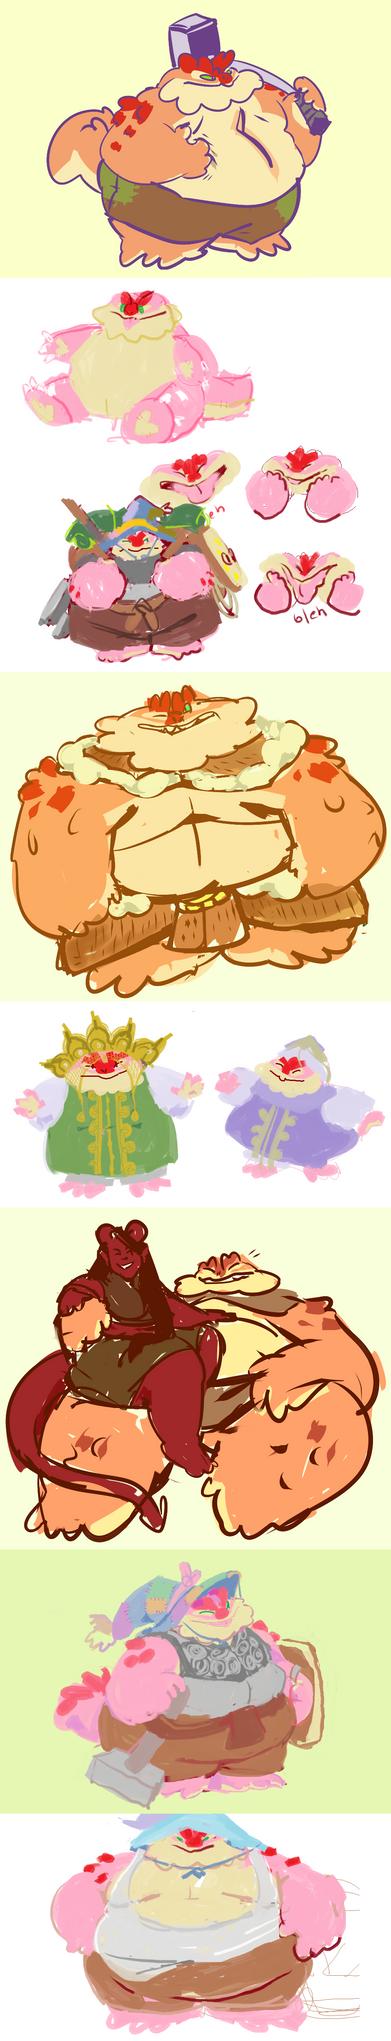 toad is eternal by Kinn-Katze